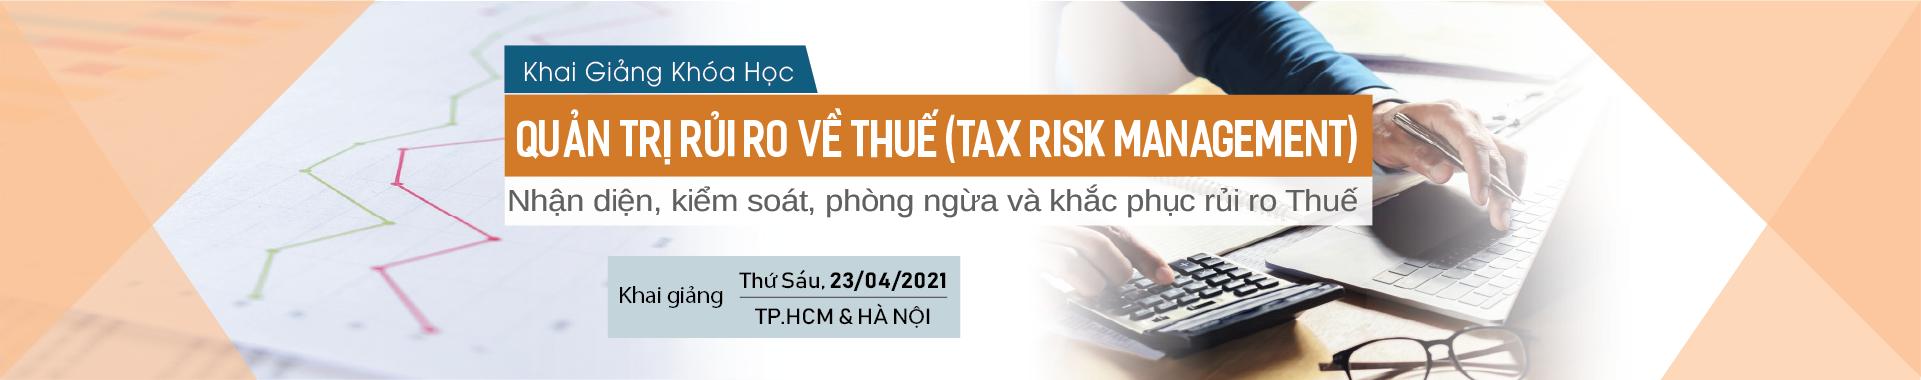 Quản trị rủi ro về Thuế_Banner Website 1920×381